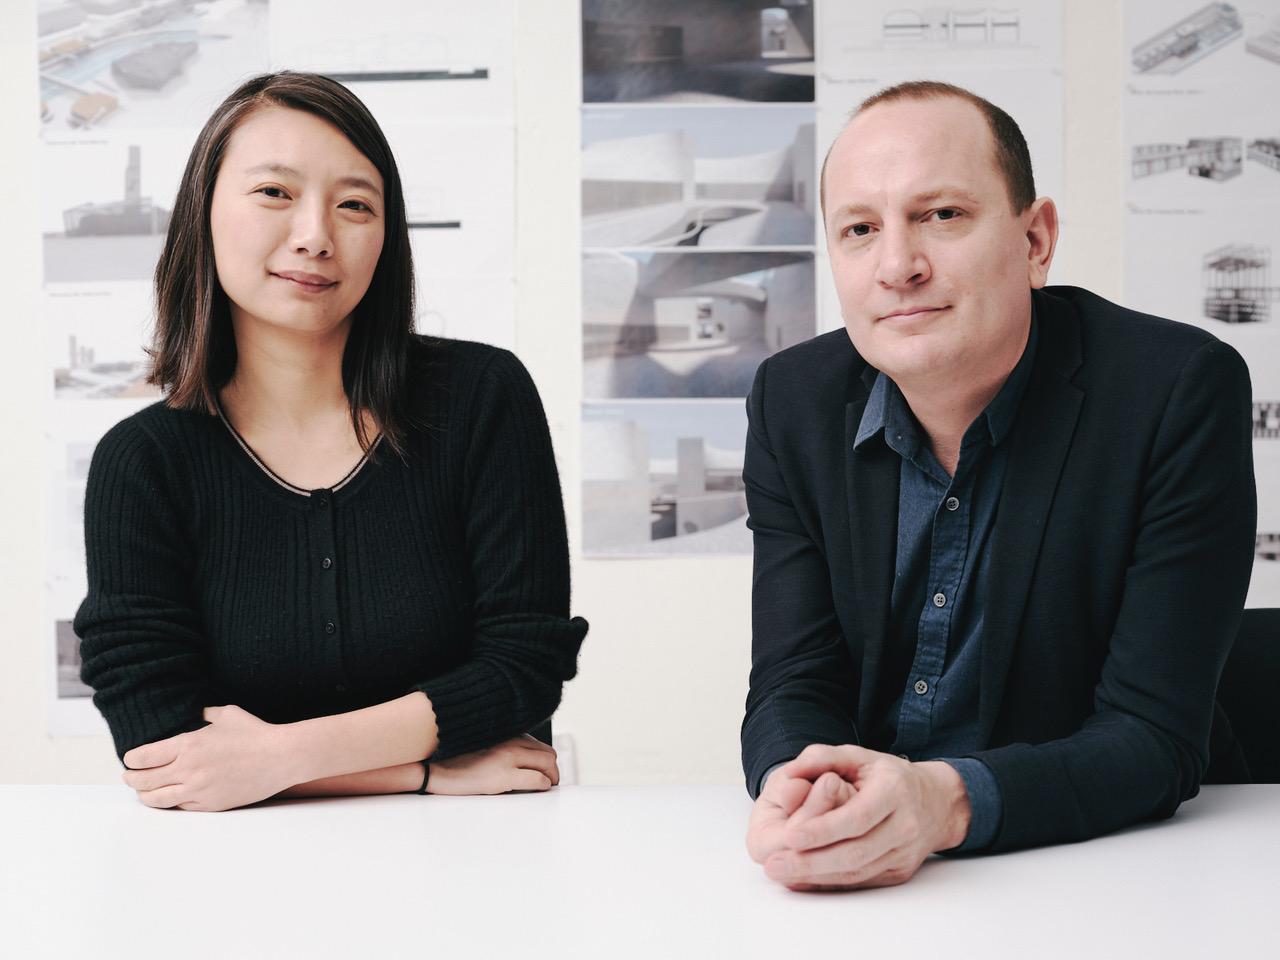 Jing Liu and Florian Idenburg